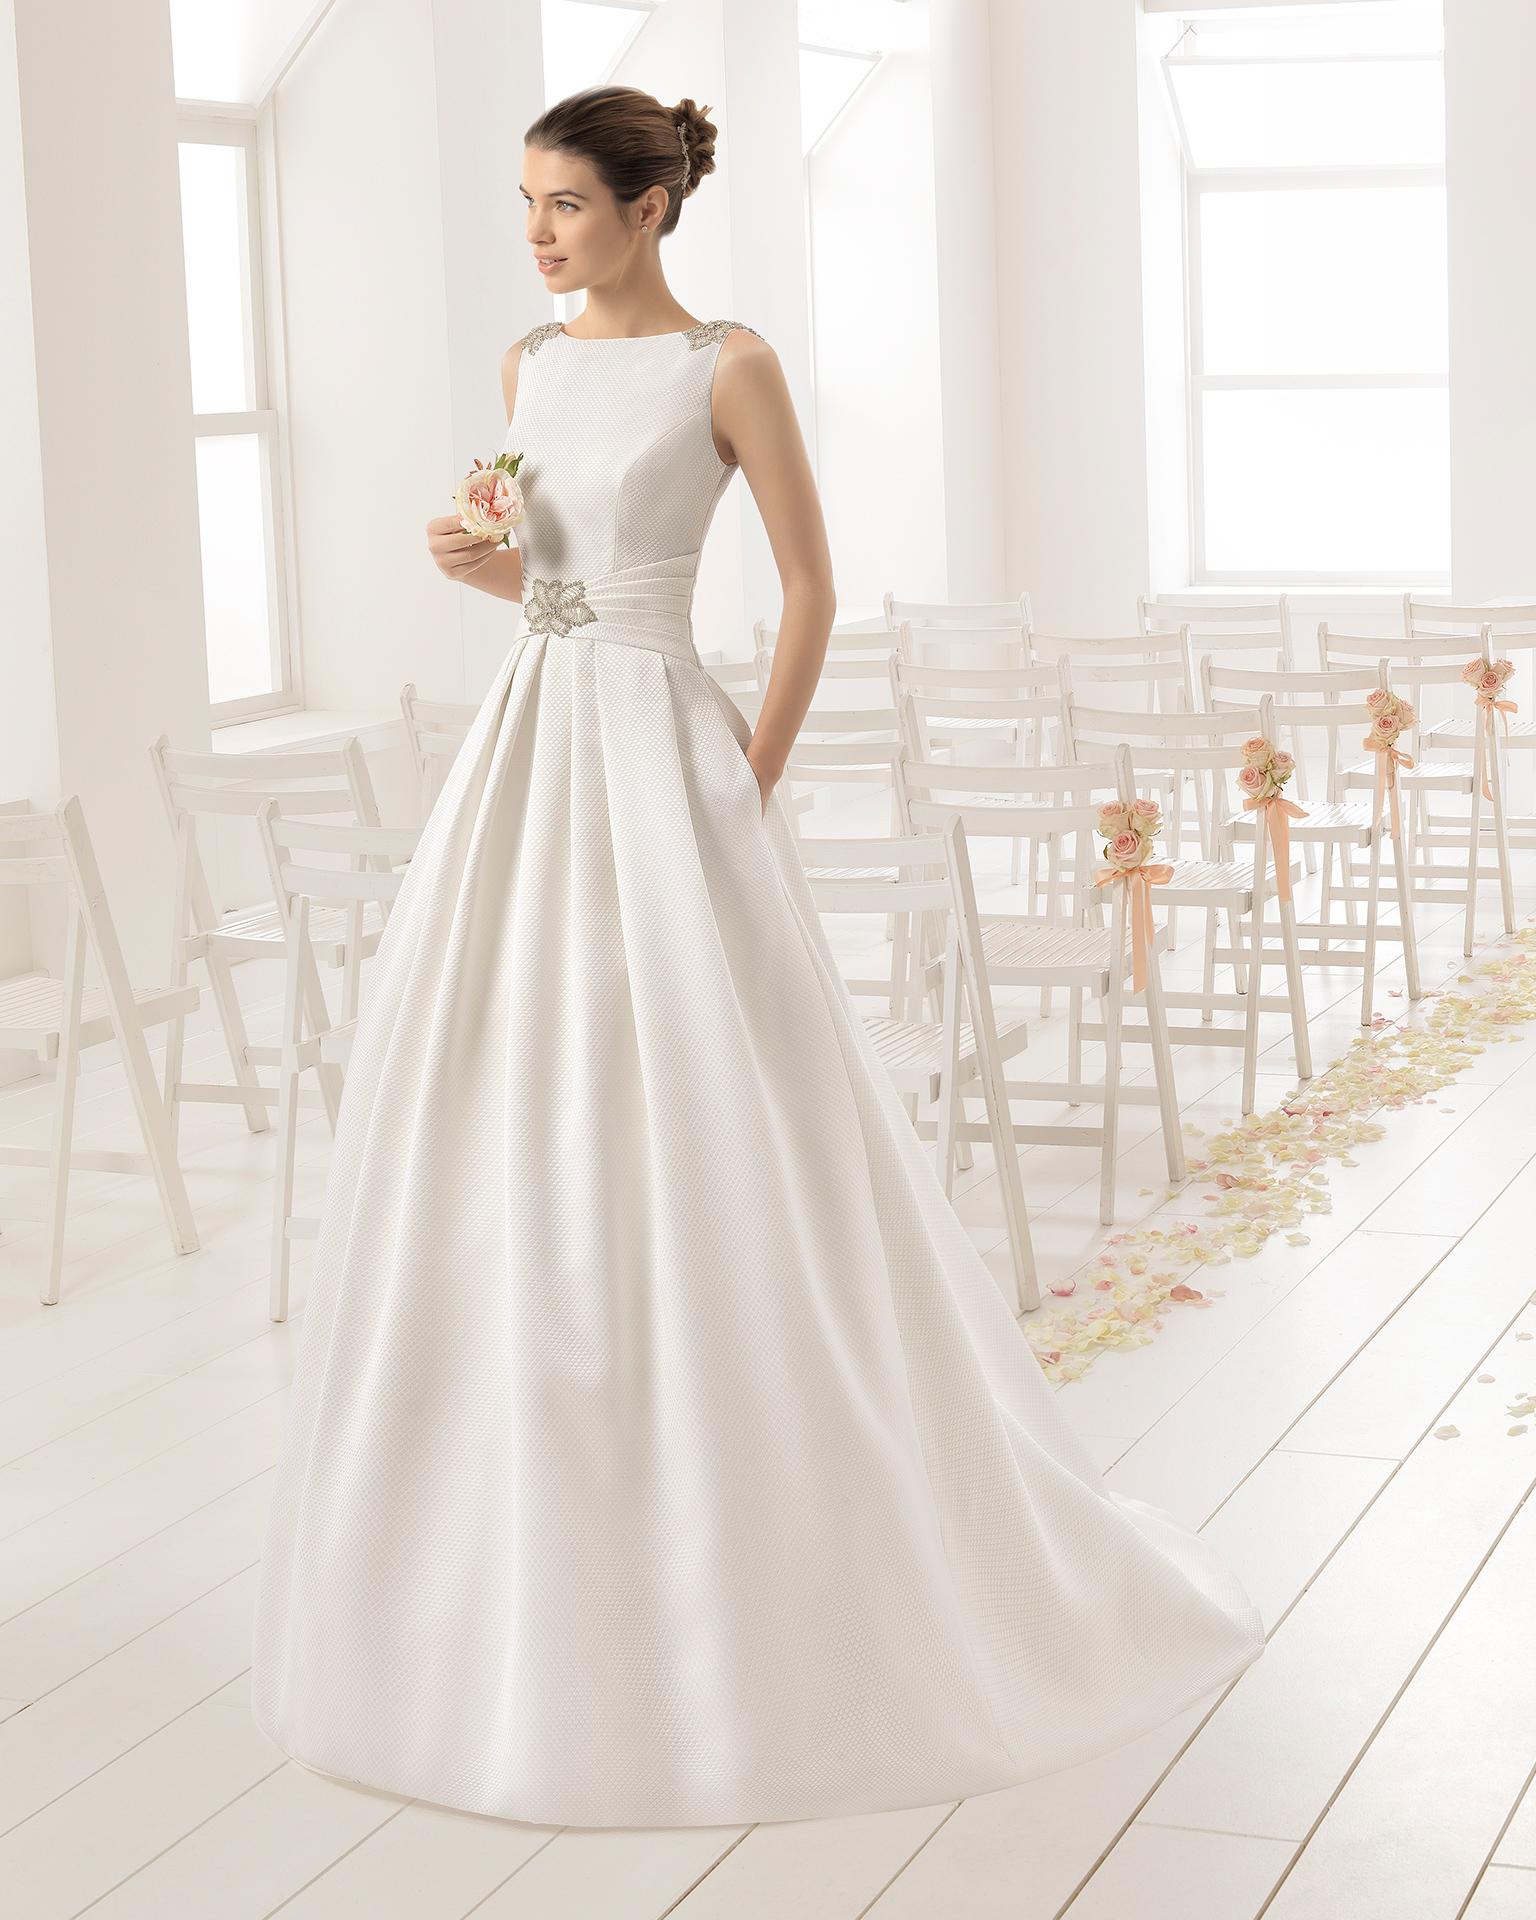 Großartig Hochzeitskleid Häuser In Dallas Tx Ideen - Brautkleider ...